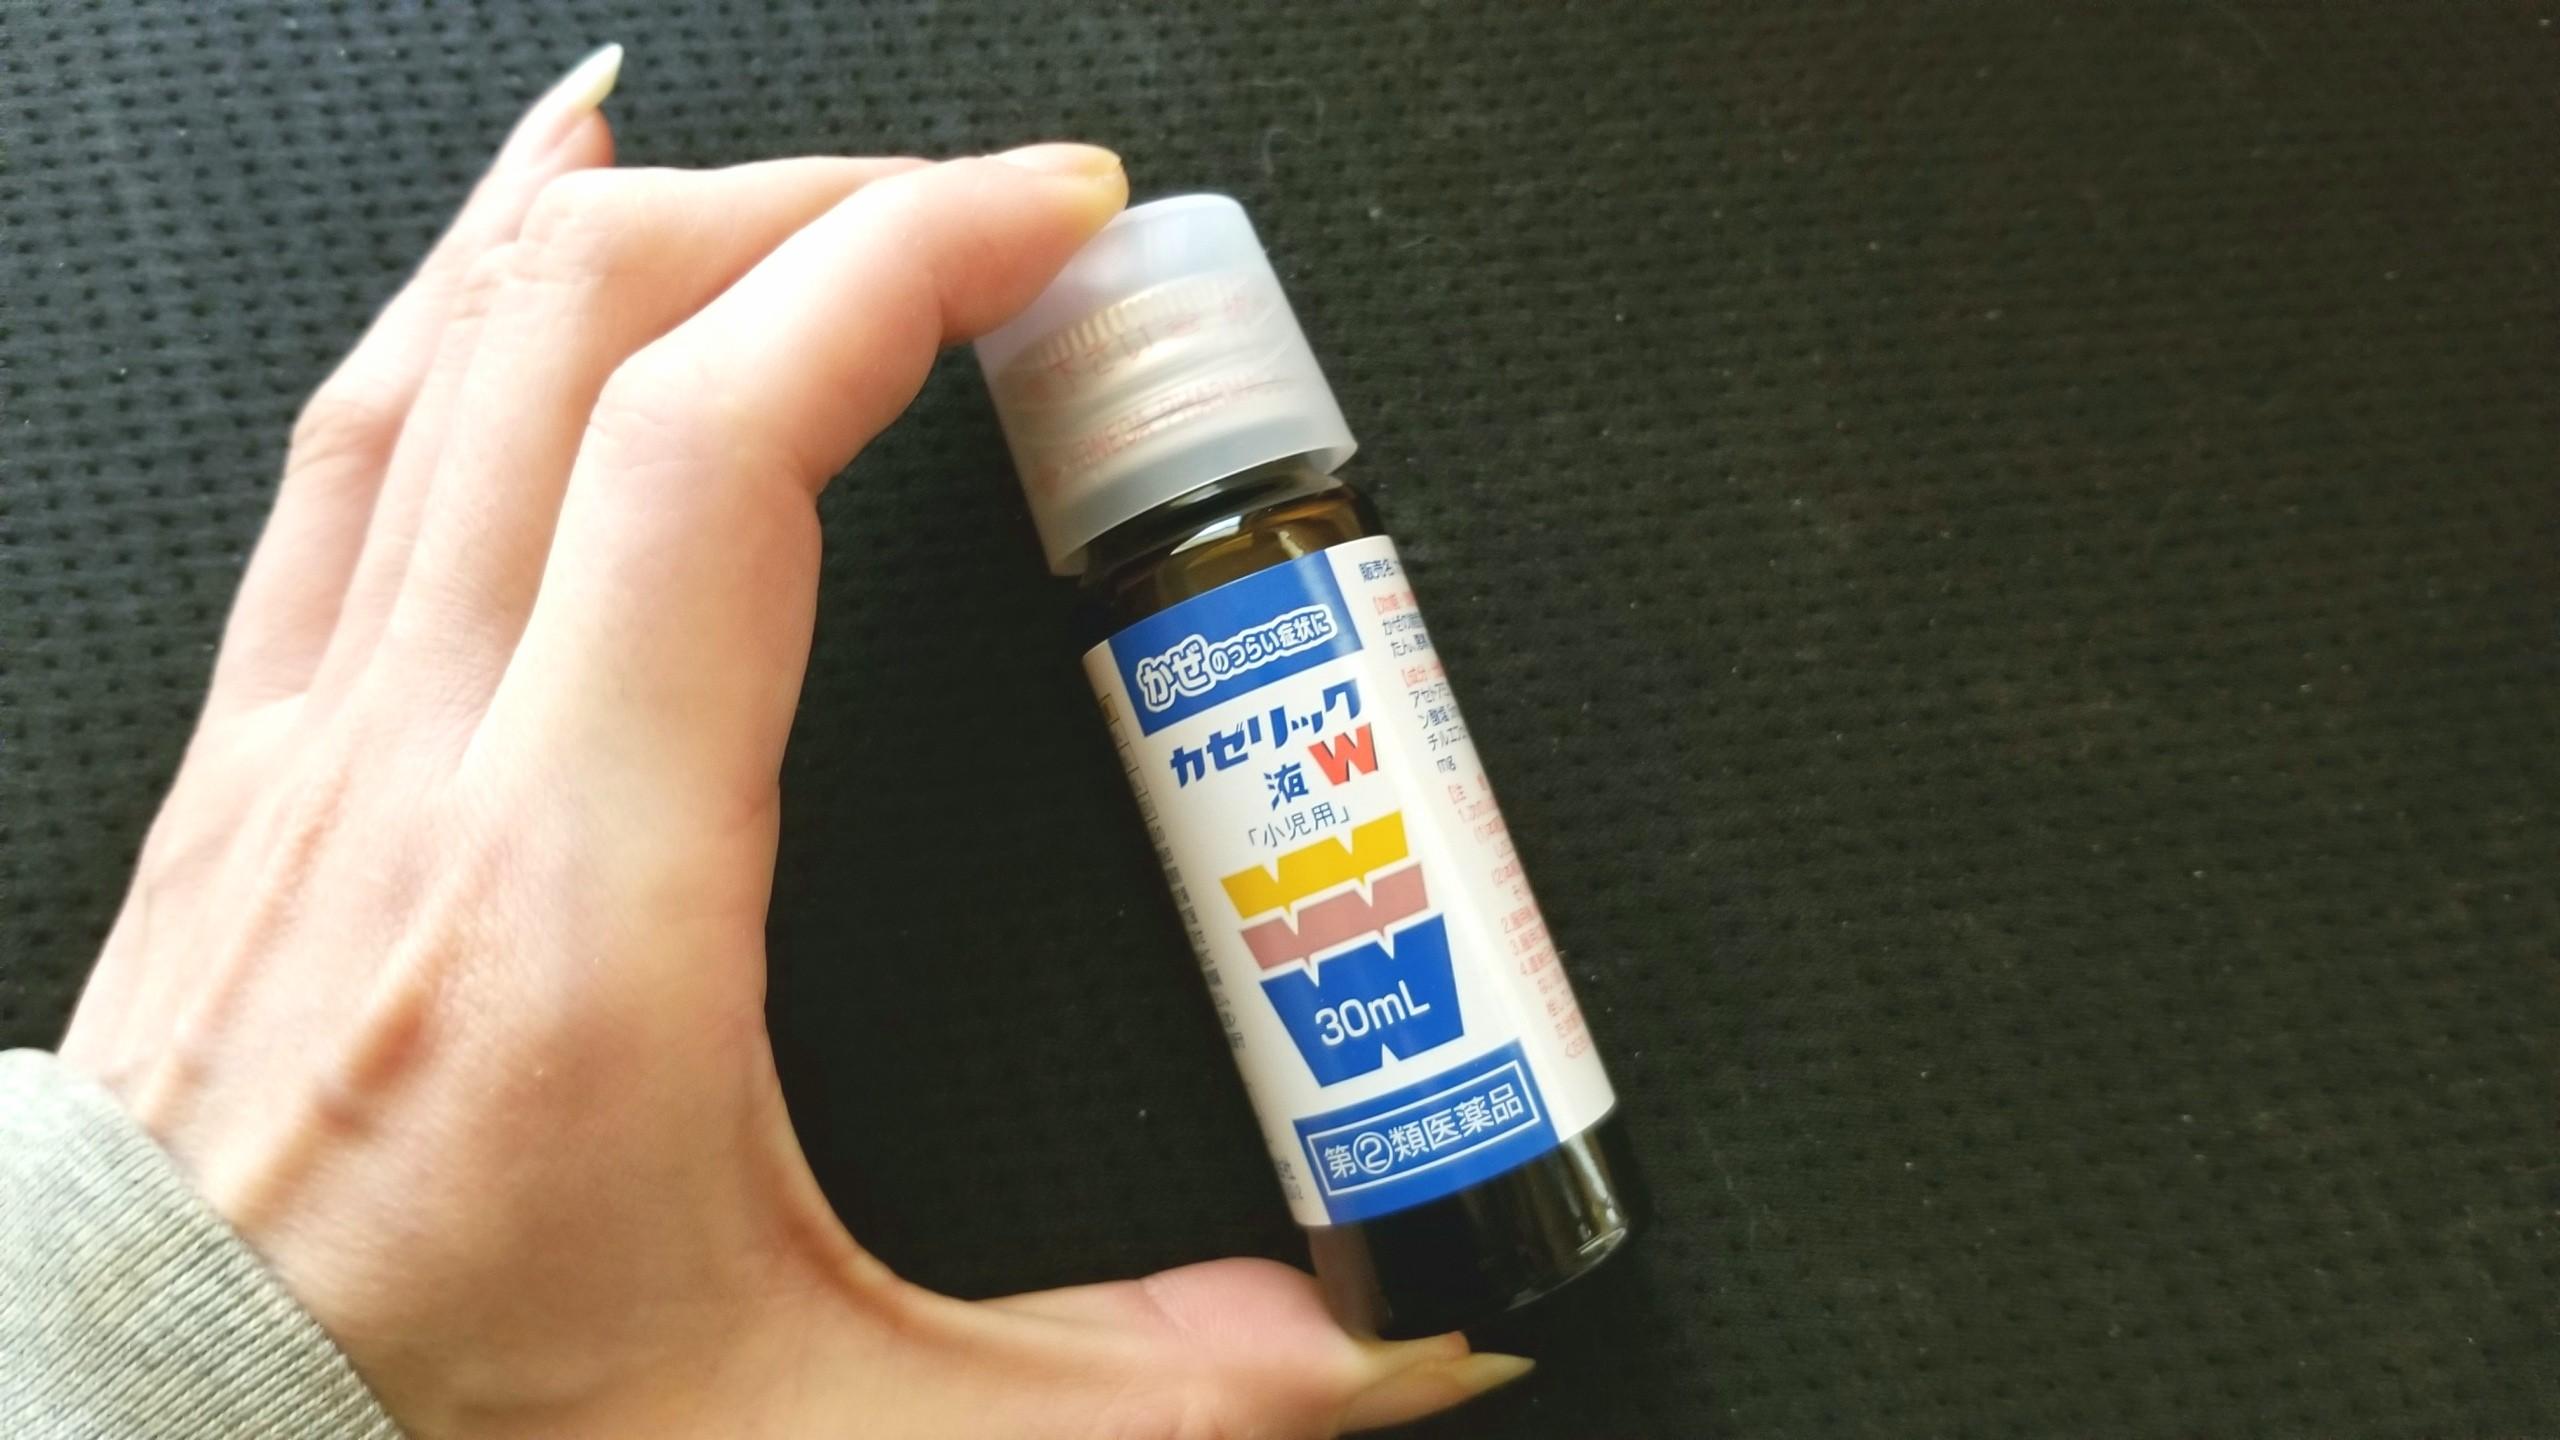 風邪ひいた,熱出た,よく効く薬小児用カゼリック,おすすめ人気